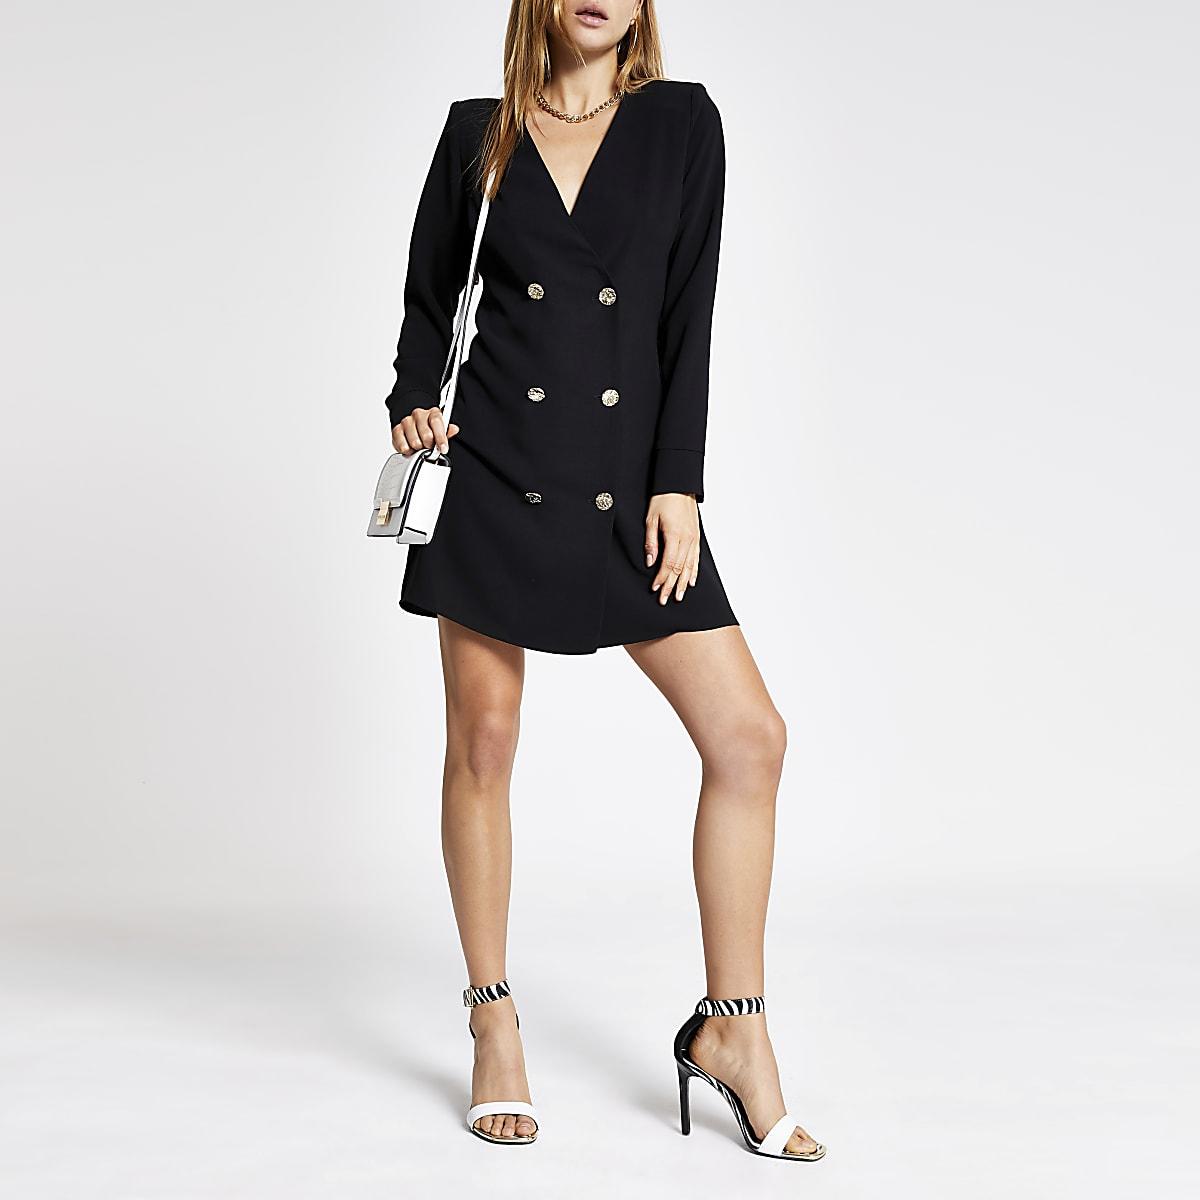 Black swing tux dress